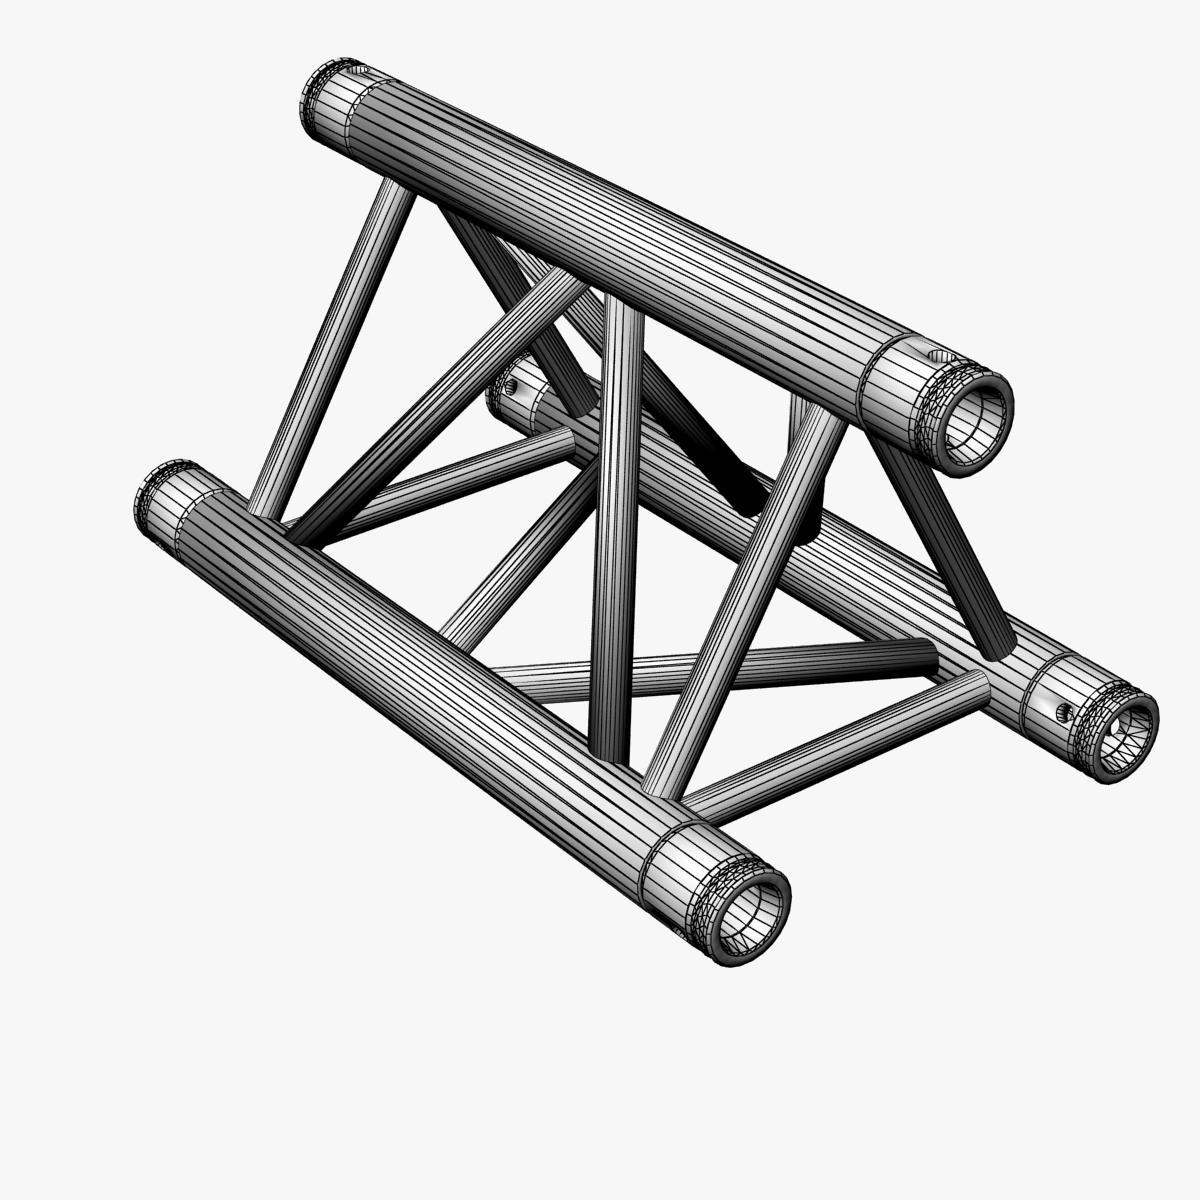 Triangular Truss Straight Segment 71 3d model 3ds max dxf fbx b3d c4d  obj 268966